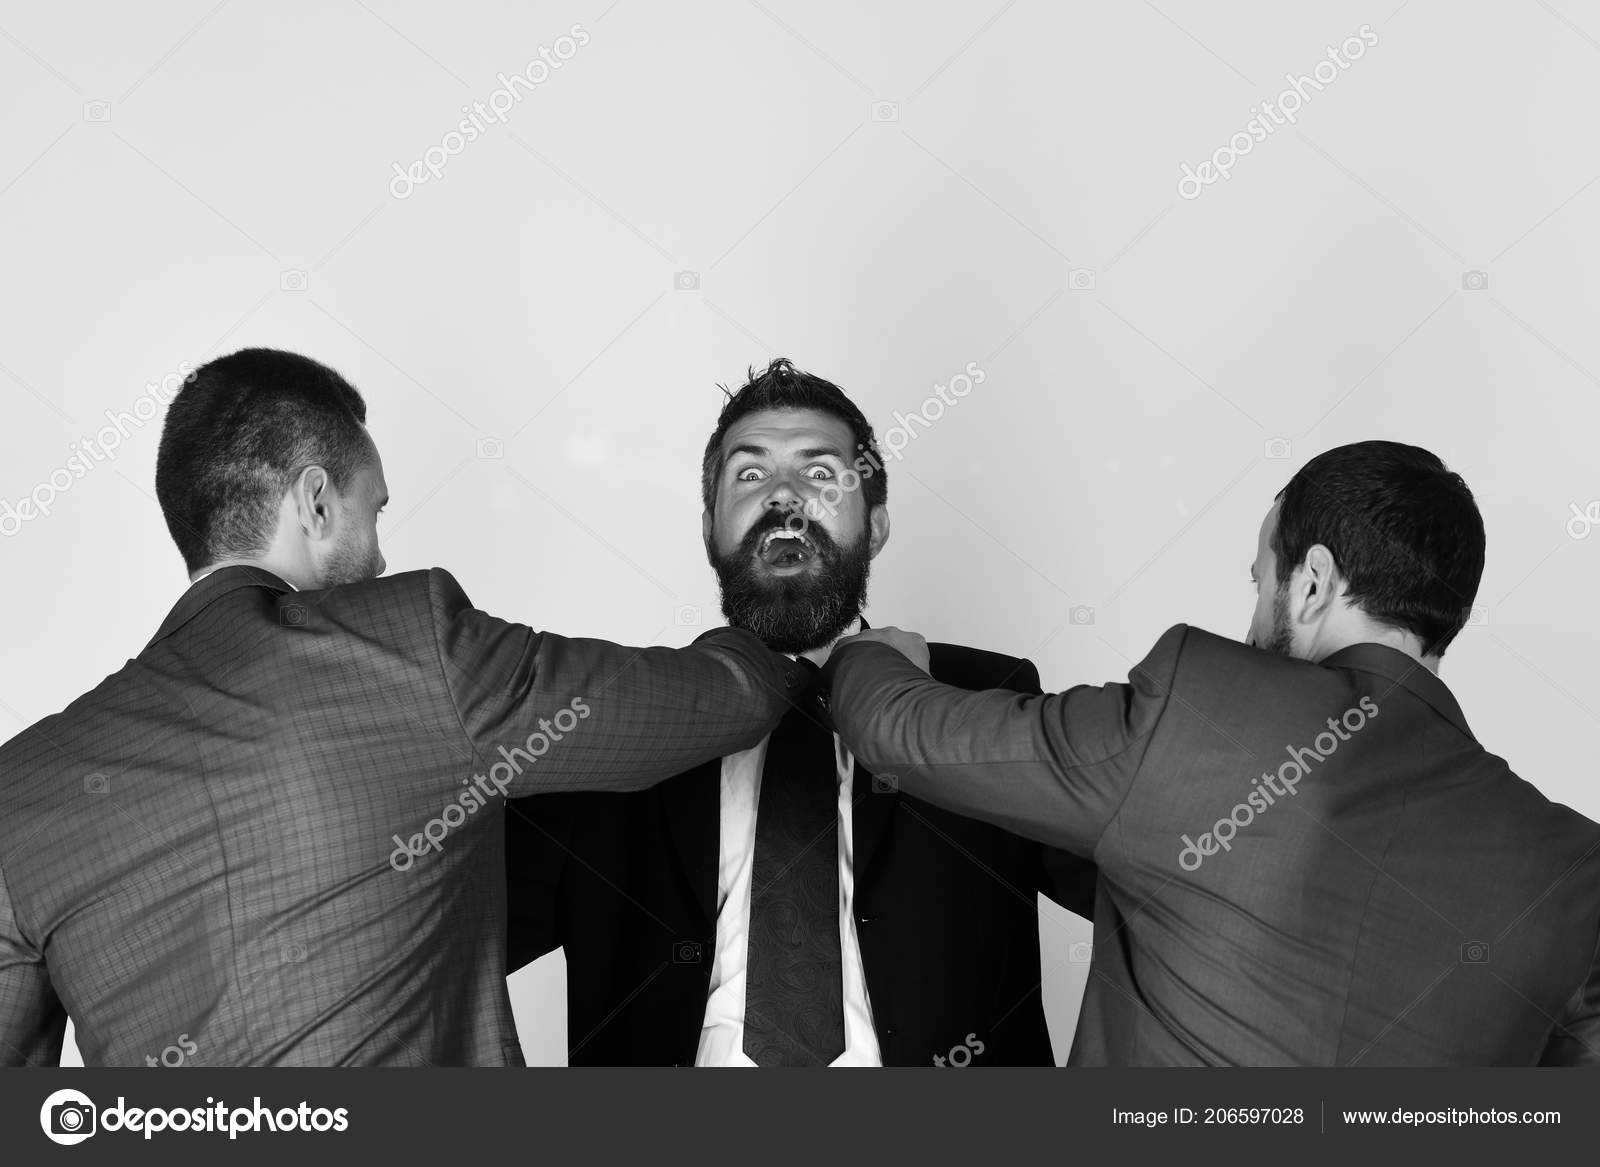 on sale d5fa6 63697 Gli uomini d'affari indossano cravatte e abiti intelligenti ...